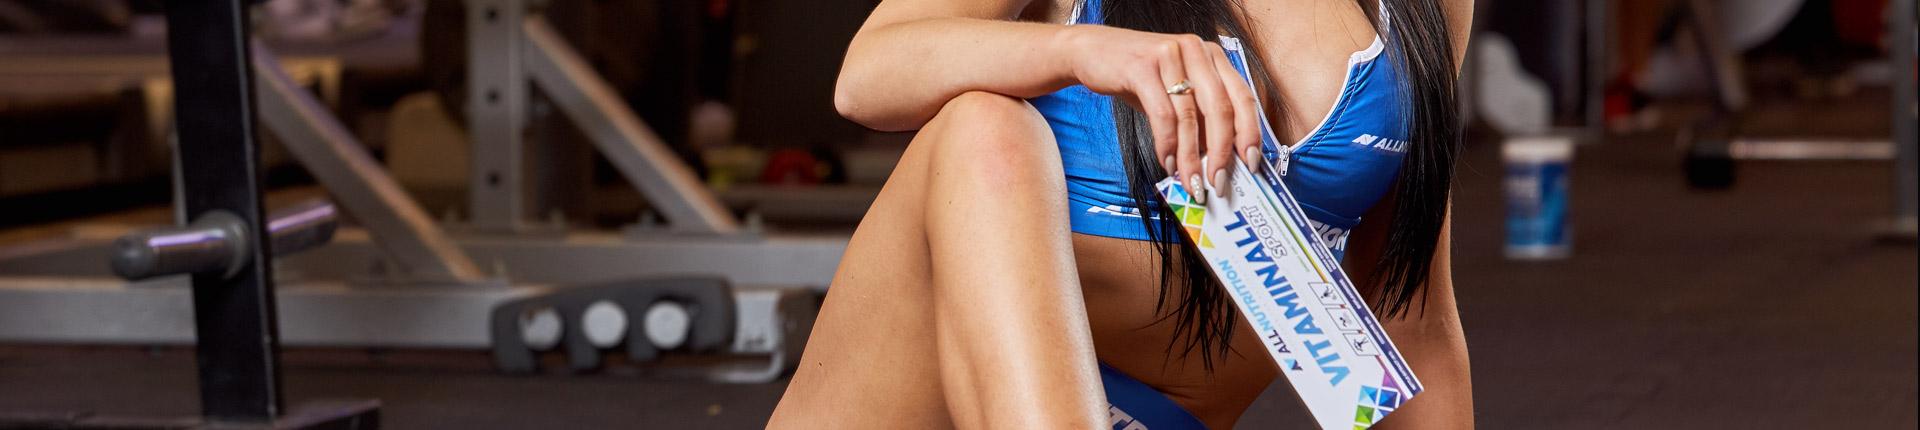 Witaminy dla sportowców - osób aktywnych fizycznie